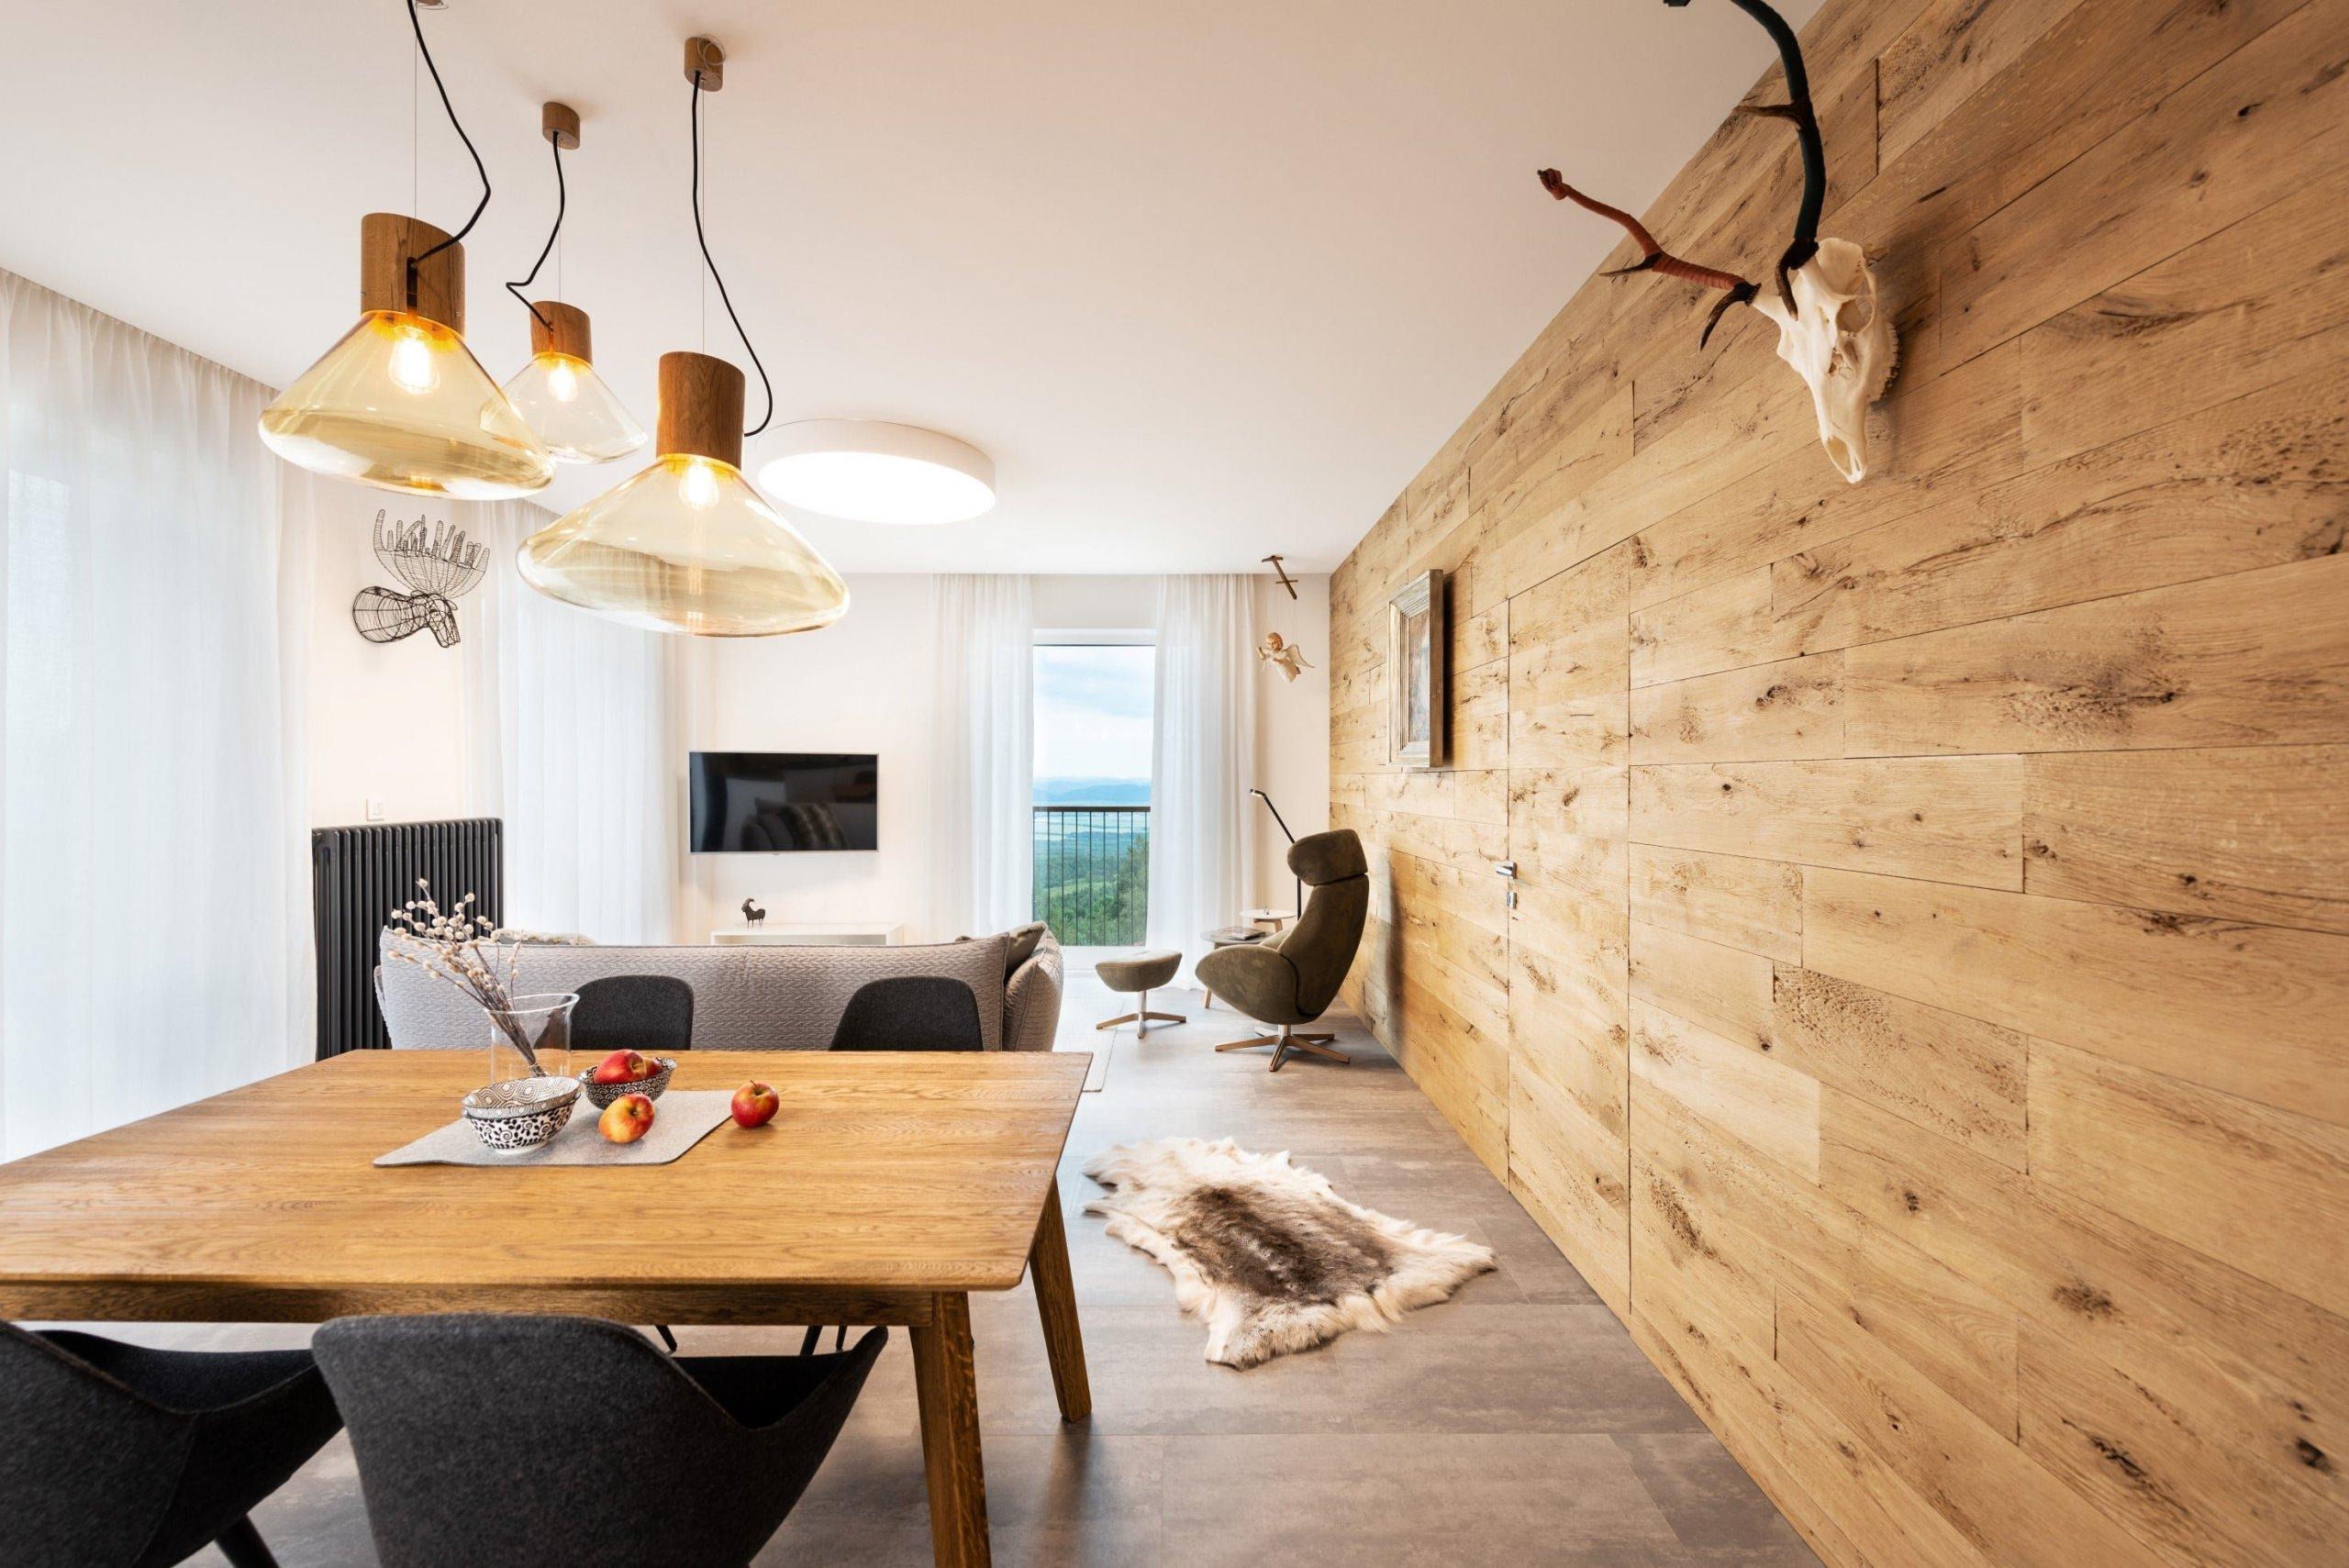 Majitelé tohoto horského apartmánu se na horách nenarodili, ale přirostly jim k srdci natolik, že si v Tatrách vytvořili druhý domov, který je celoročně obyvatelný a komfortní pro celou rodinu.